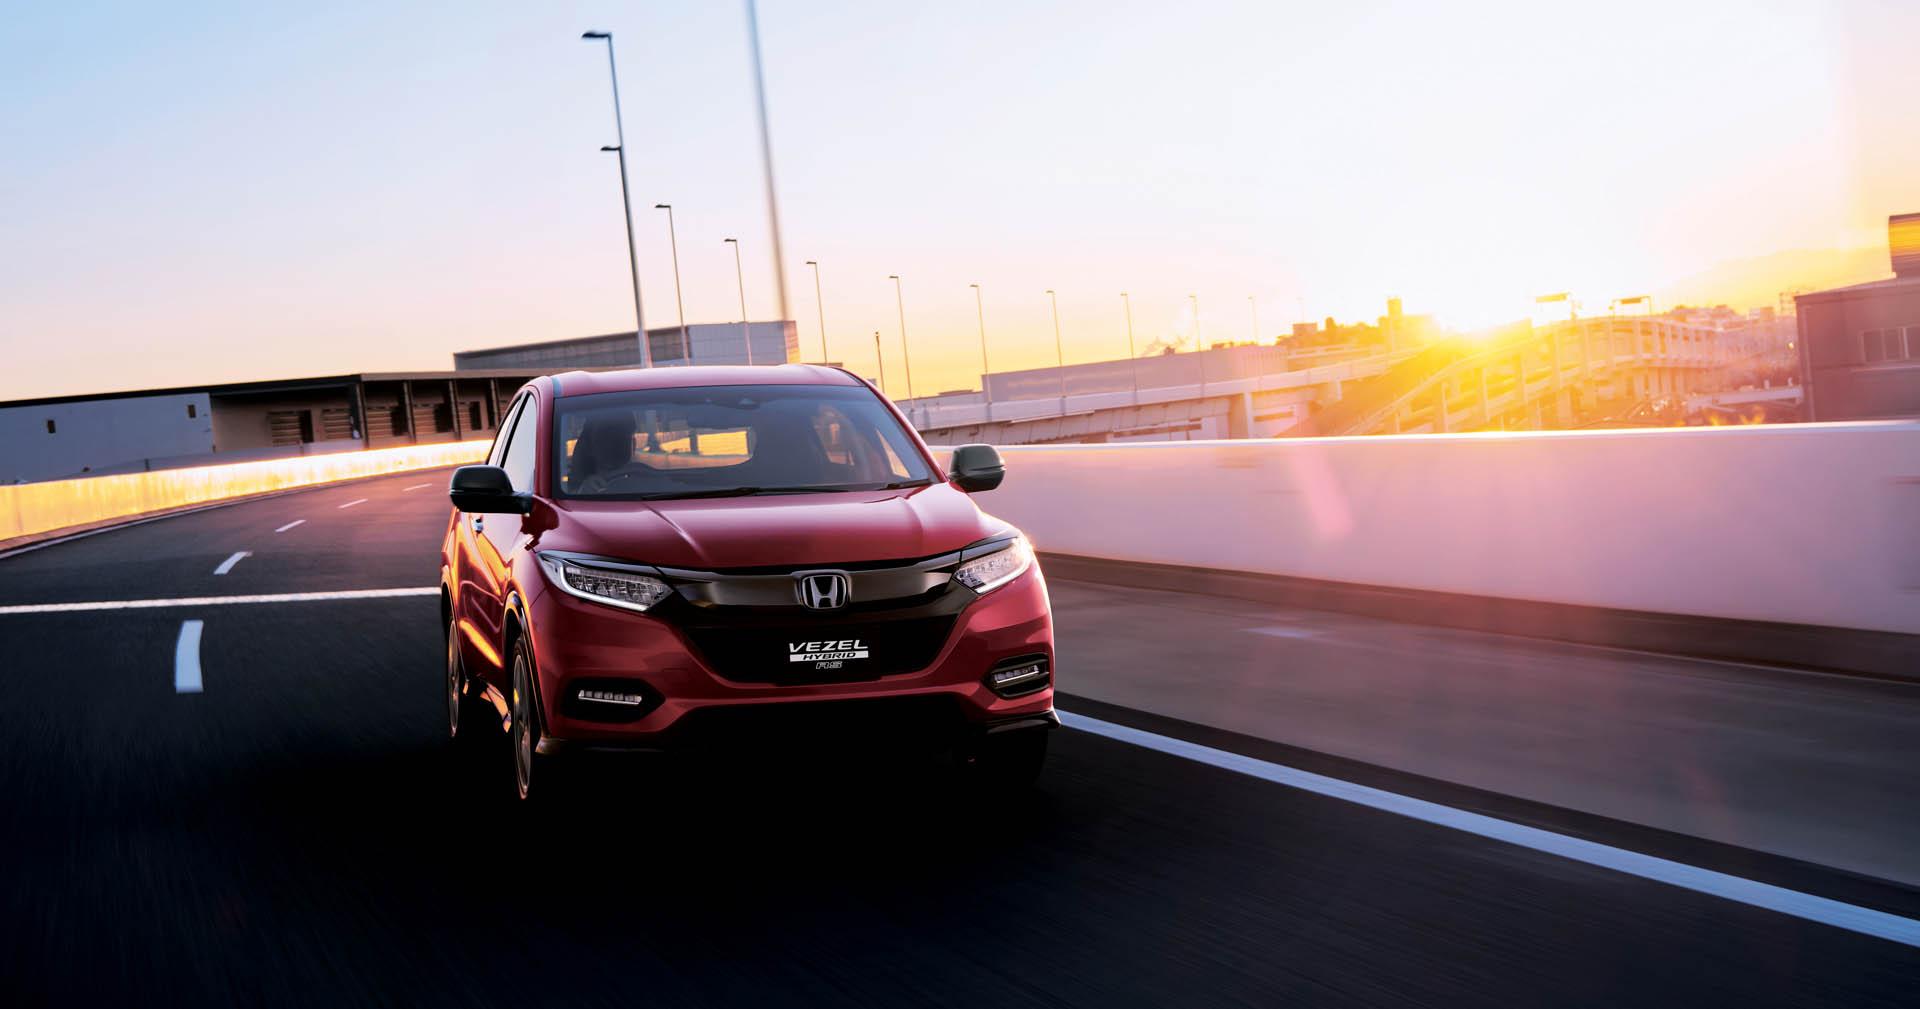 2018_Honda_Vezel_facelift_0022